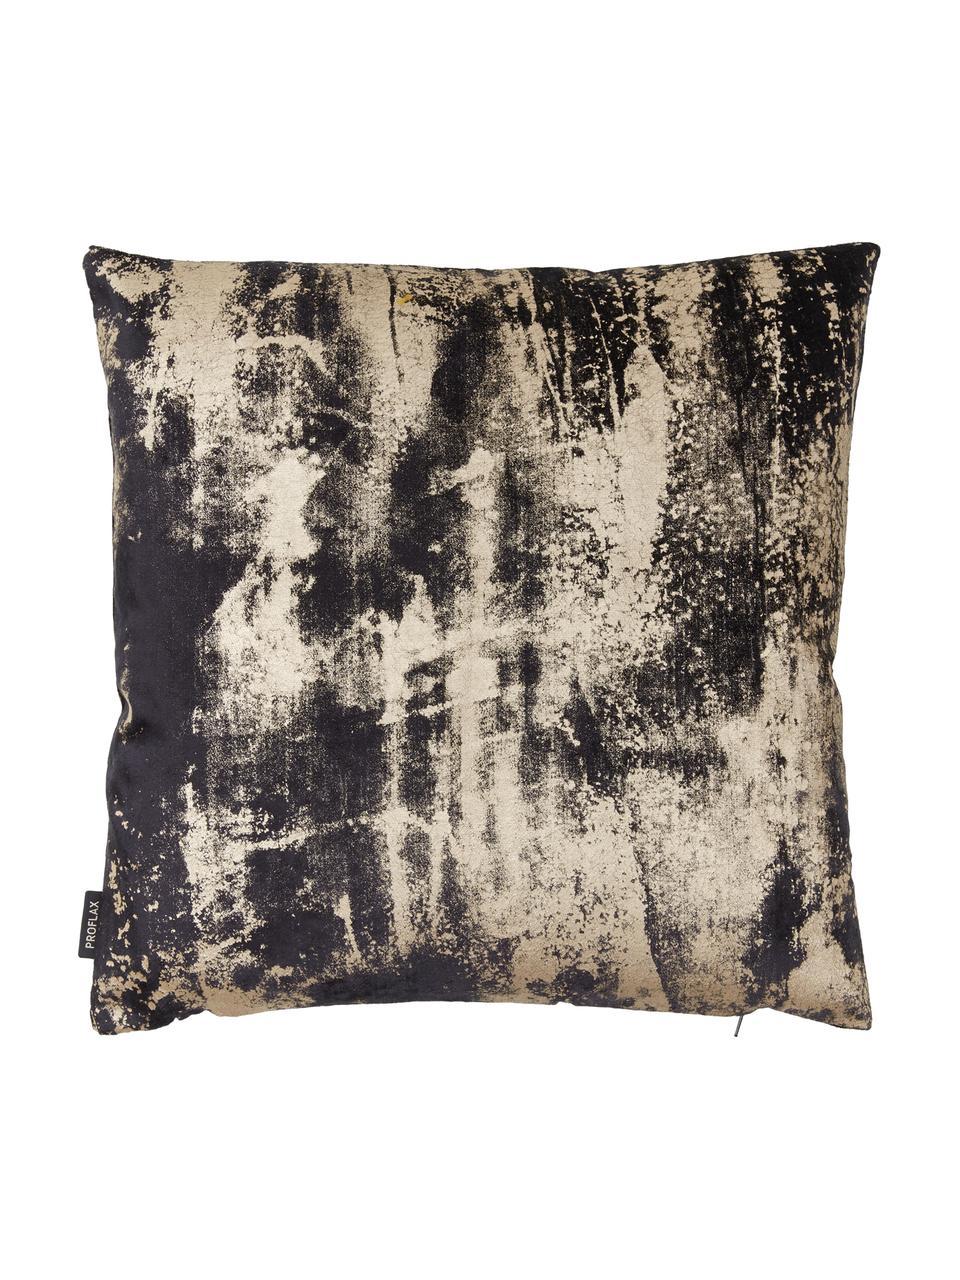 Federa arredo vintage in velluto Shiny, Velluto di poliestere, Grigio grafite, Larg. 40 x Lung. 40 cm